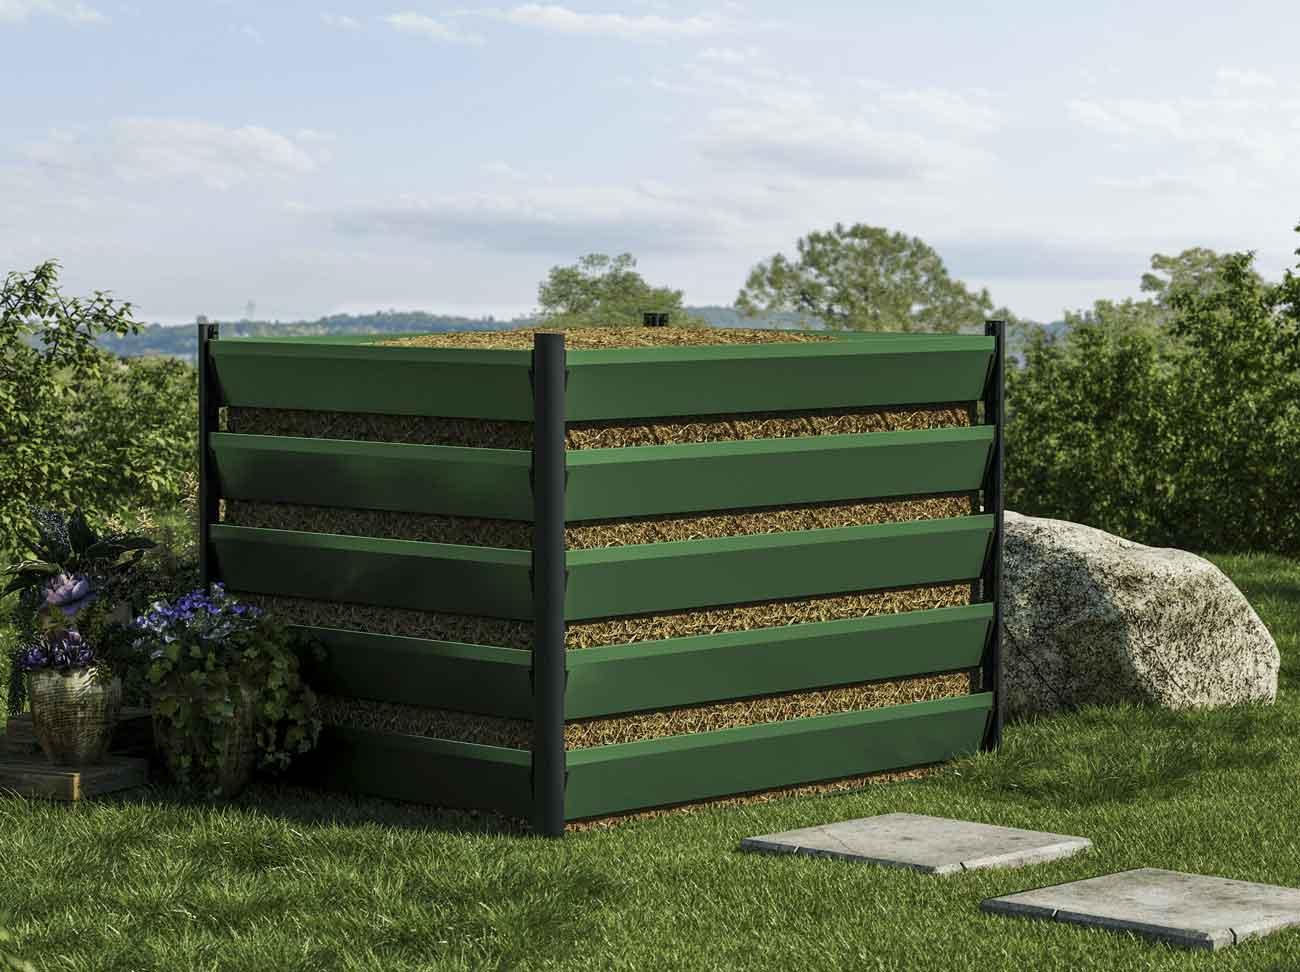 komposter-150x110-5h-gruen-geschlossen_1